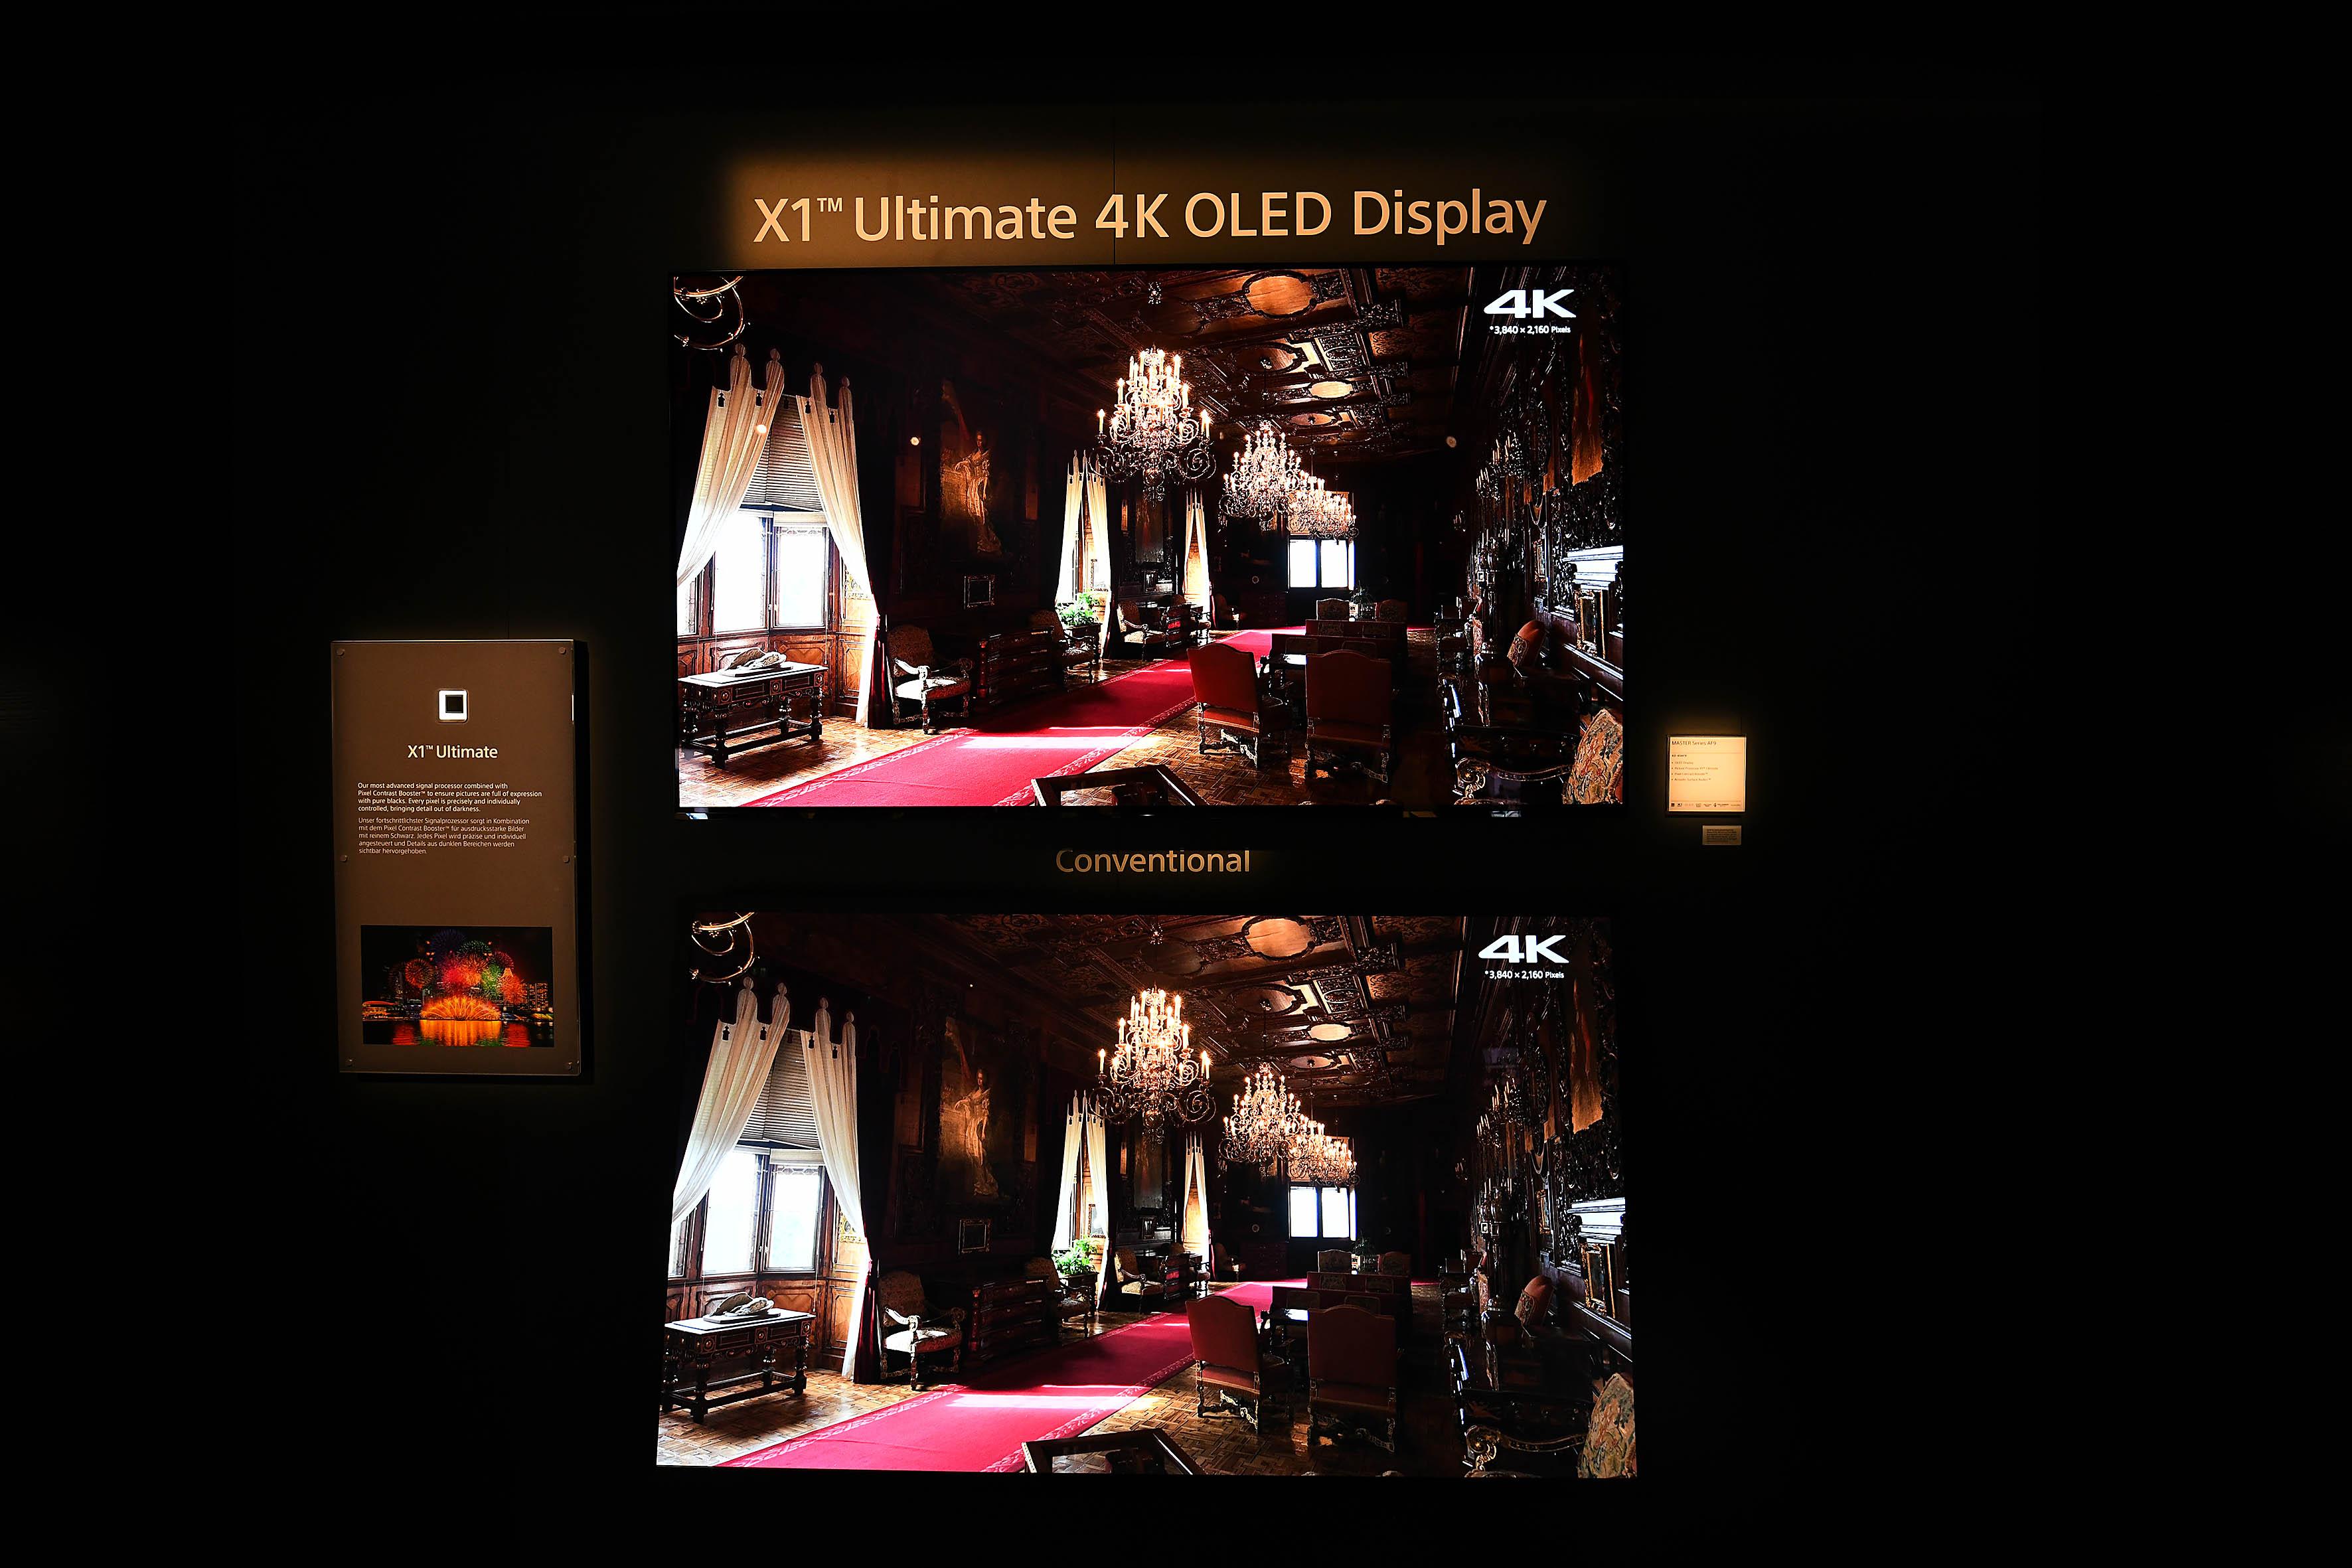 Foto: Michael B. Rehders TV-Geräte soweit das Auge reicht. Um die Stärken des neuen X1-Ultimate-Chips zu demonstrieren, können alte und neue OLED-Geräte miteinander verglichen werden.